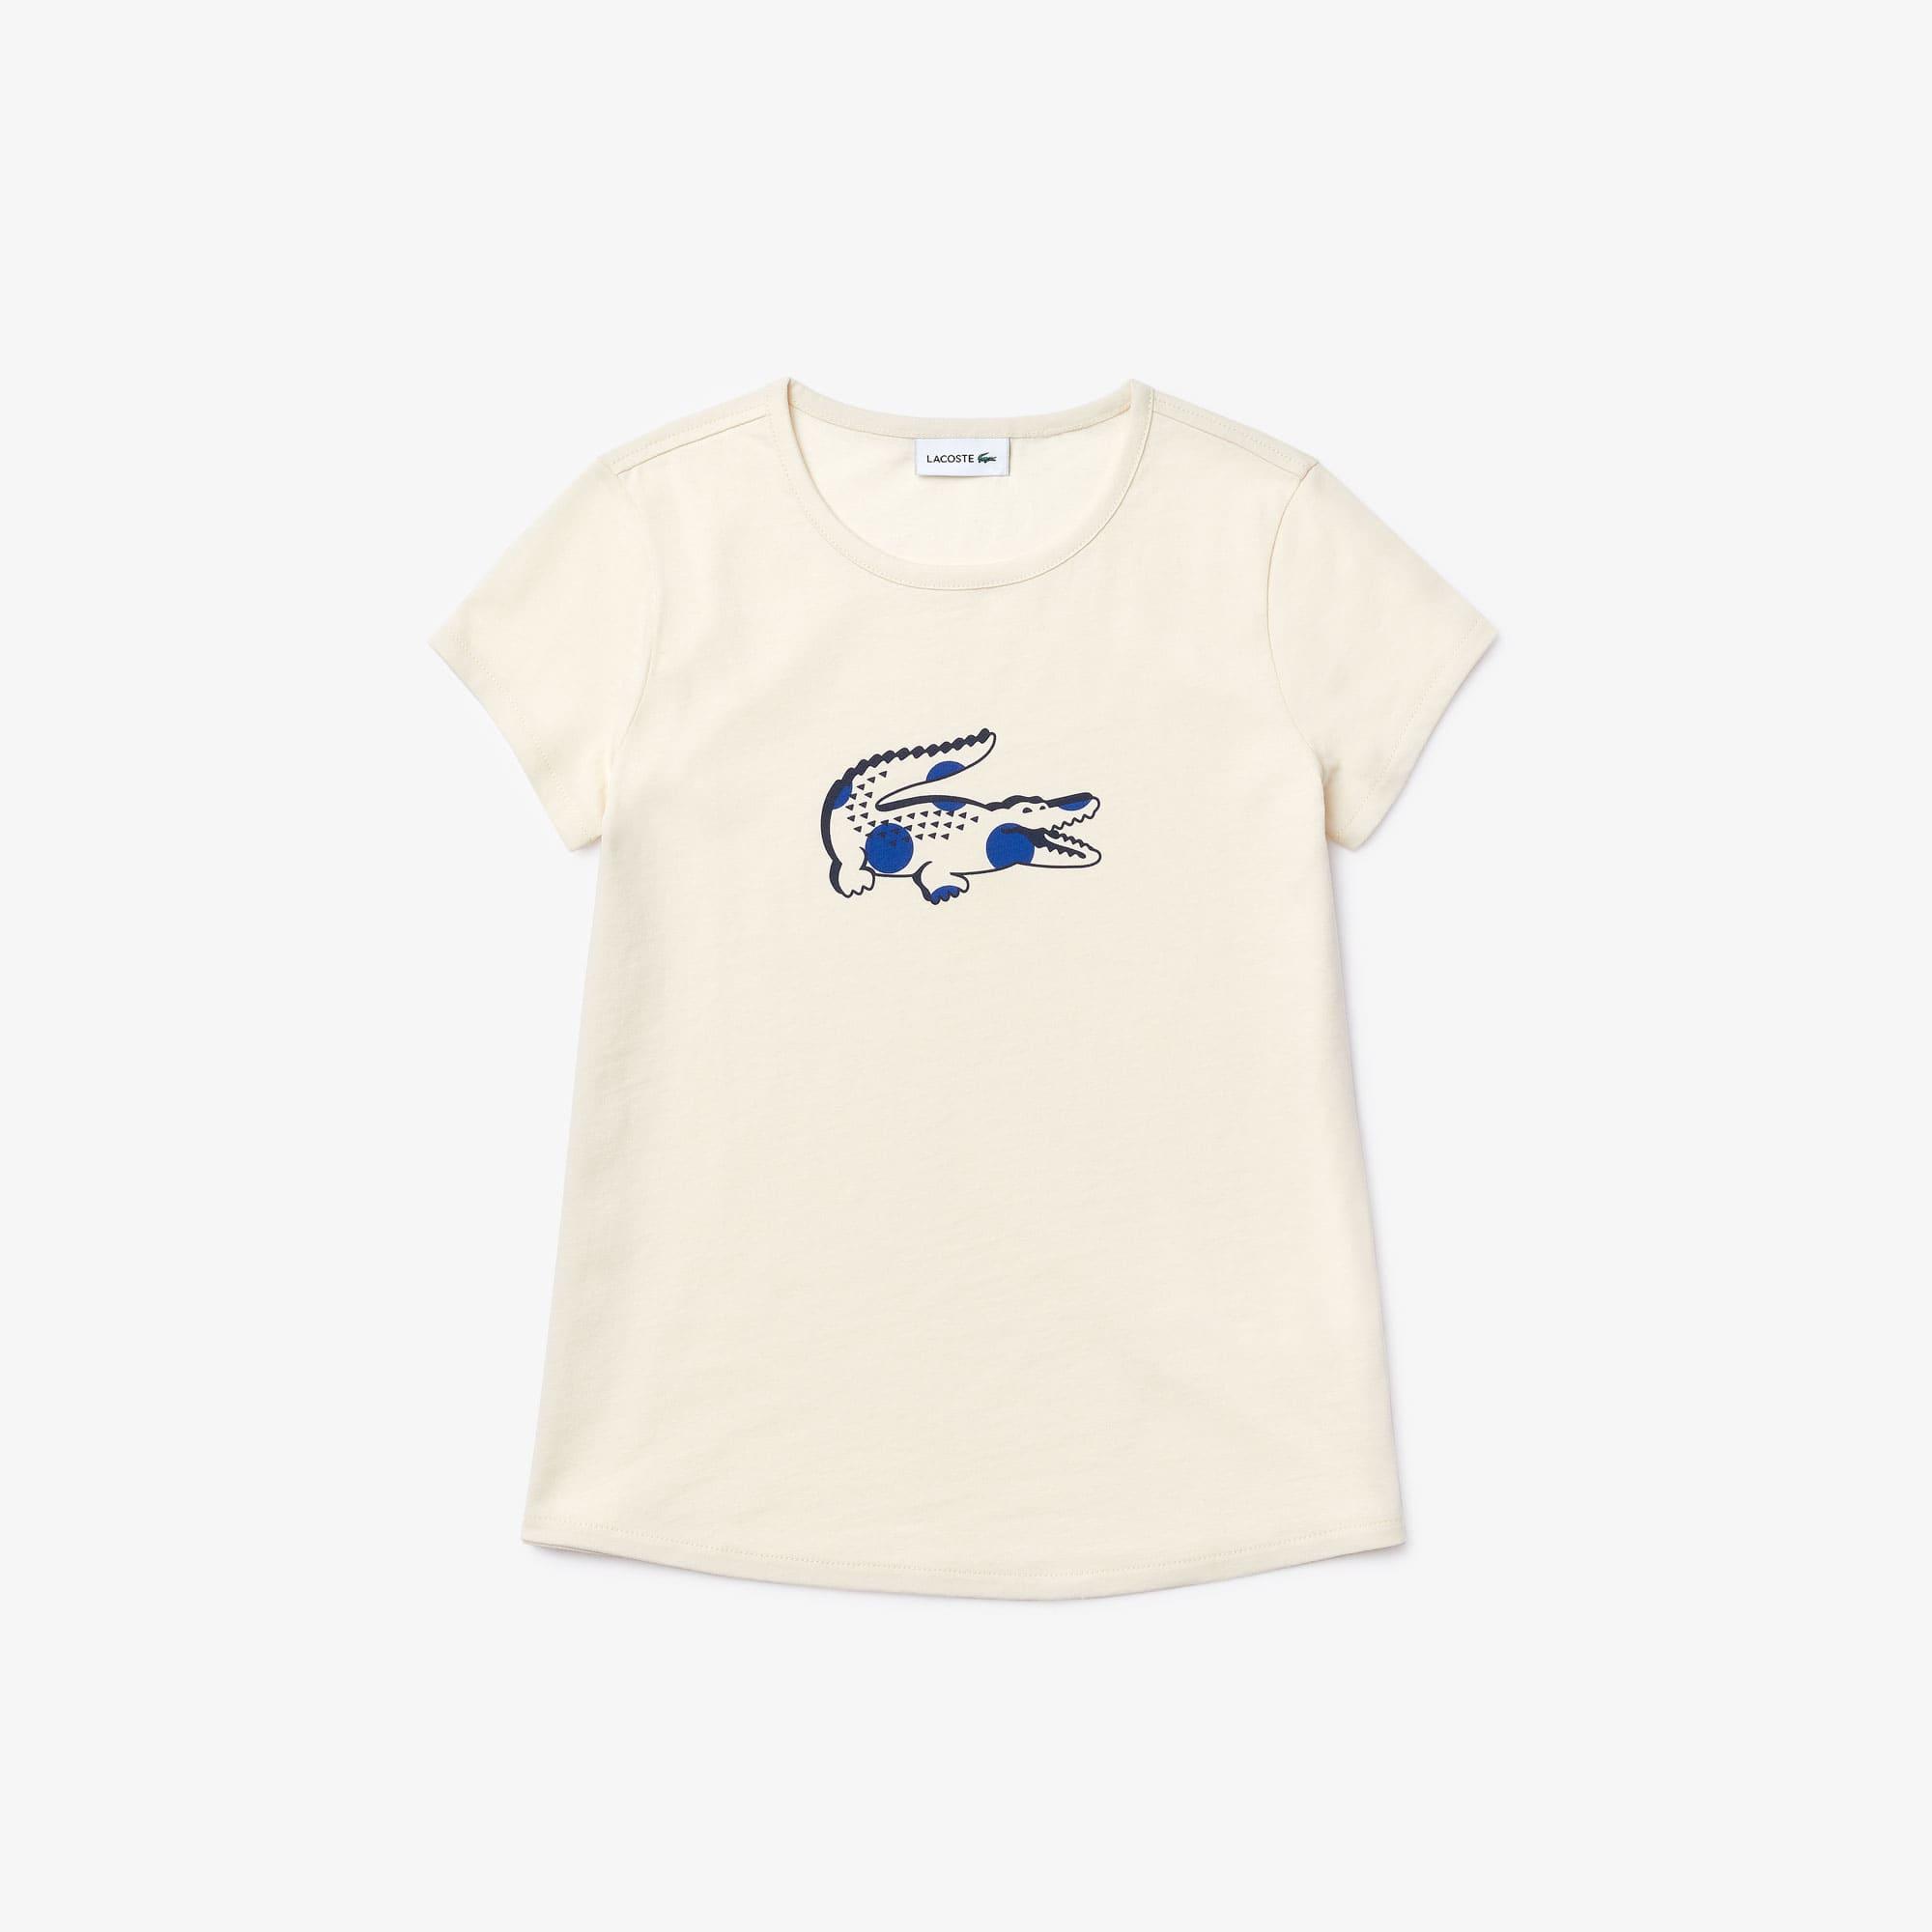 قميص تي-شيرت قطني مطبوع بفتحة رقبة مستديرة للبنات